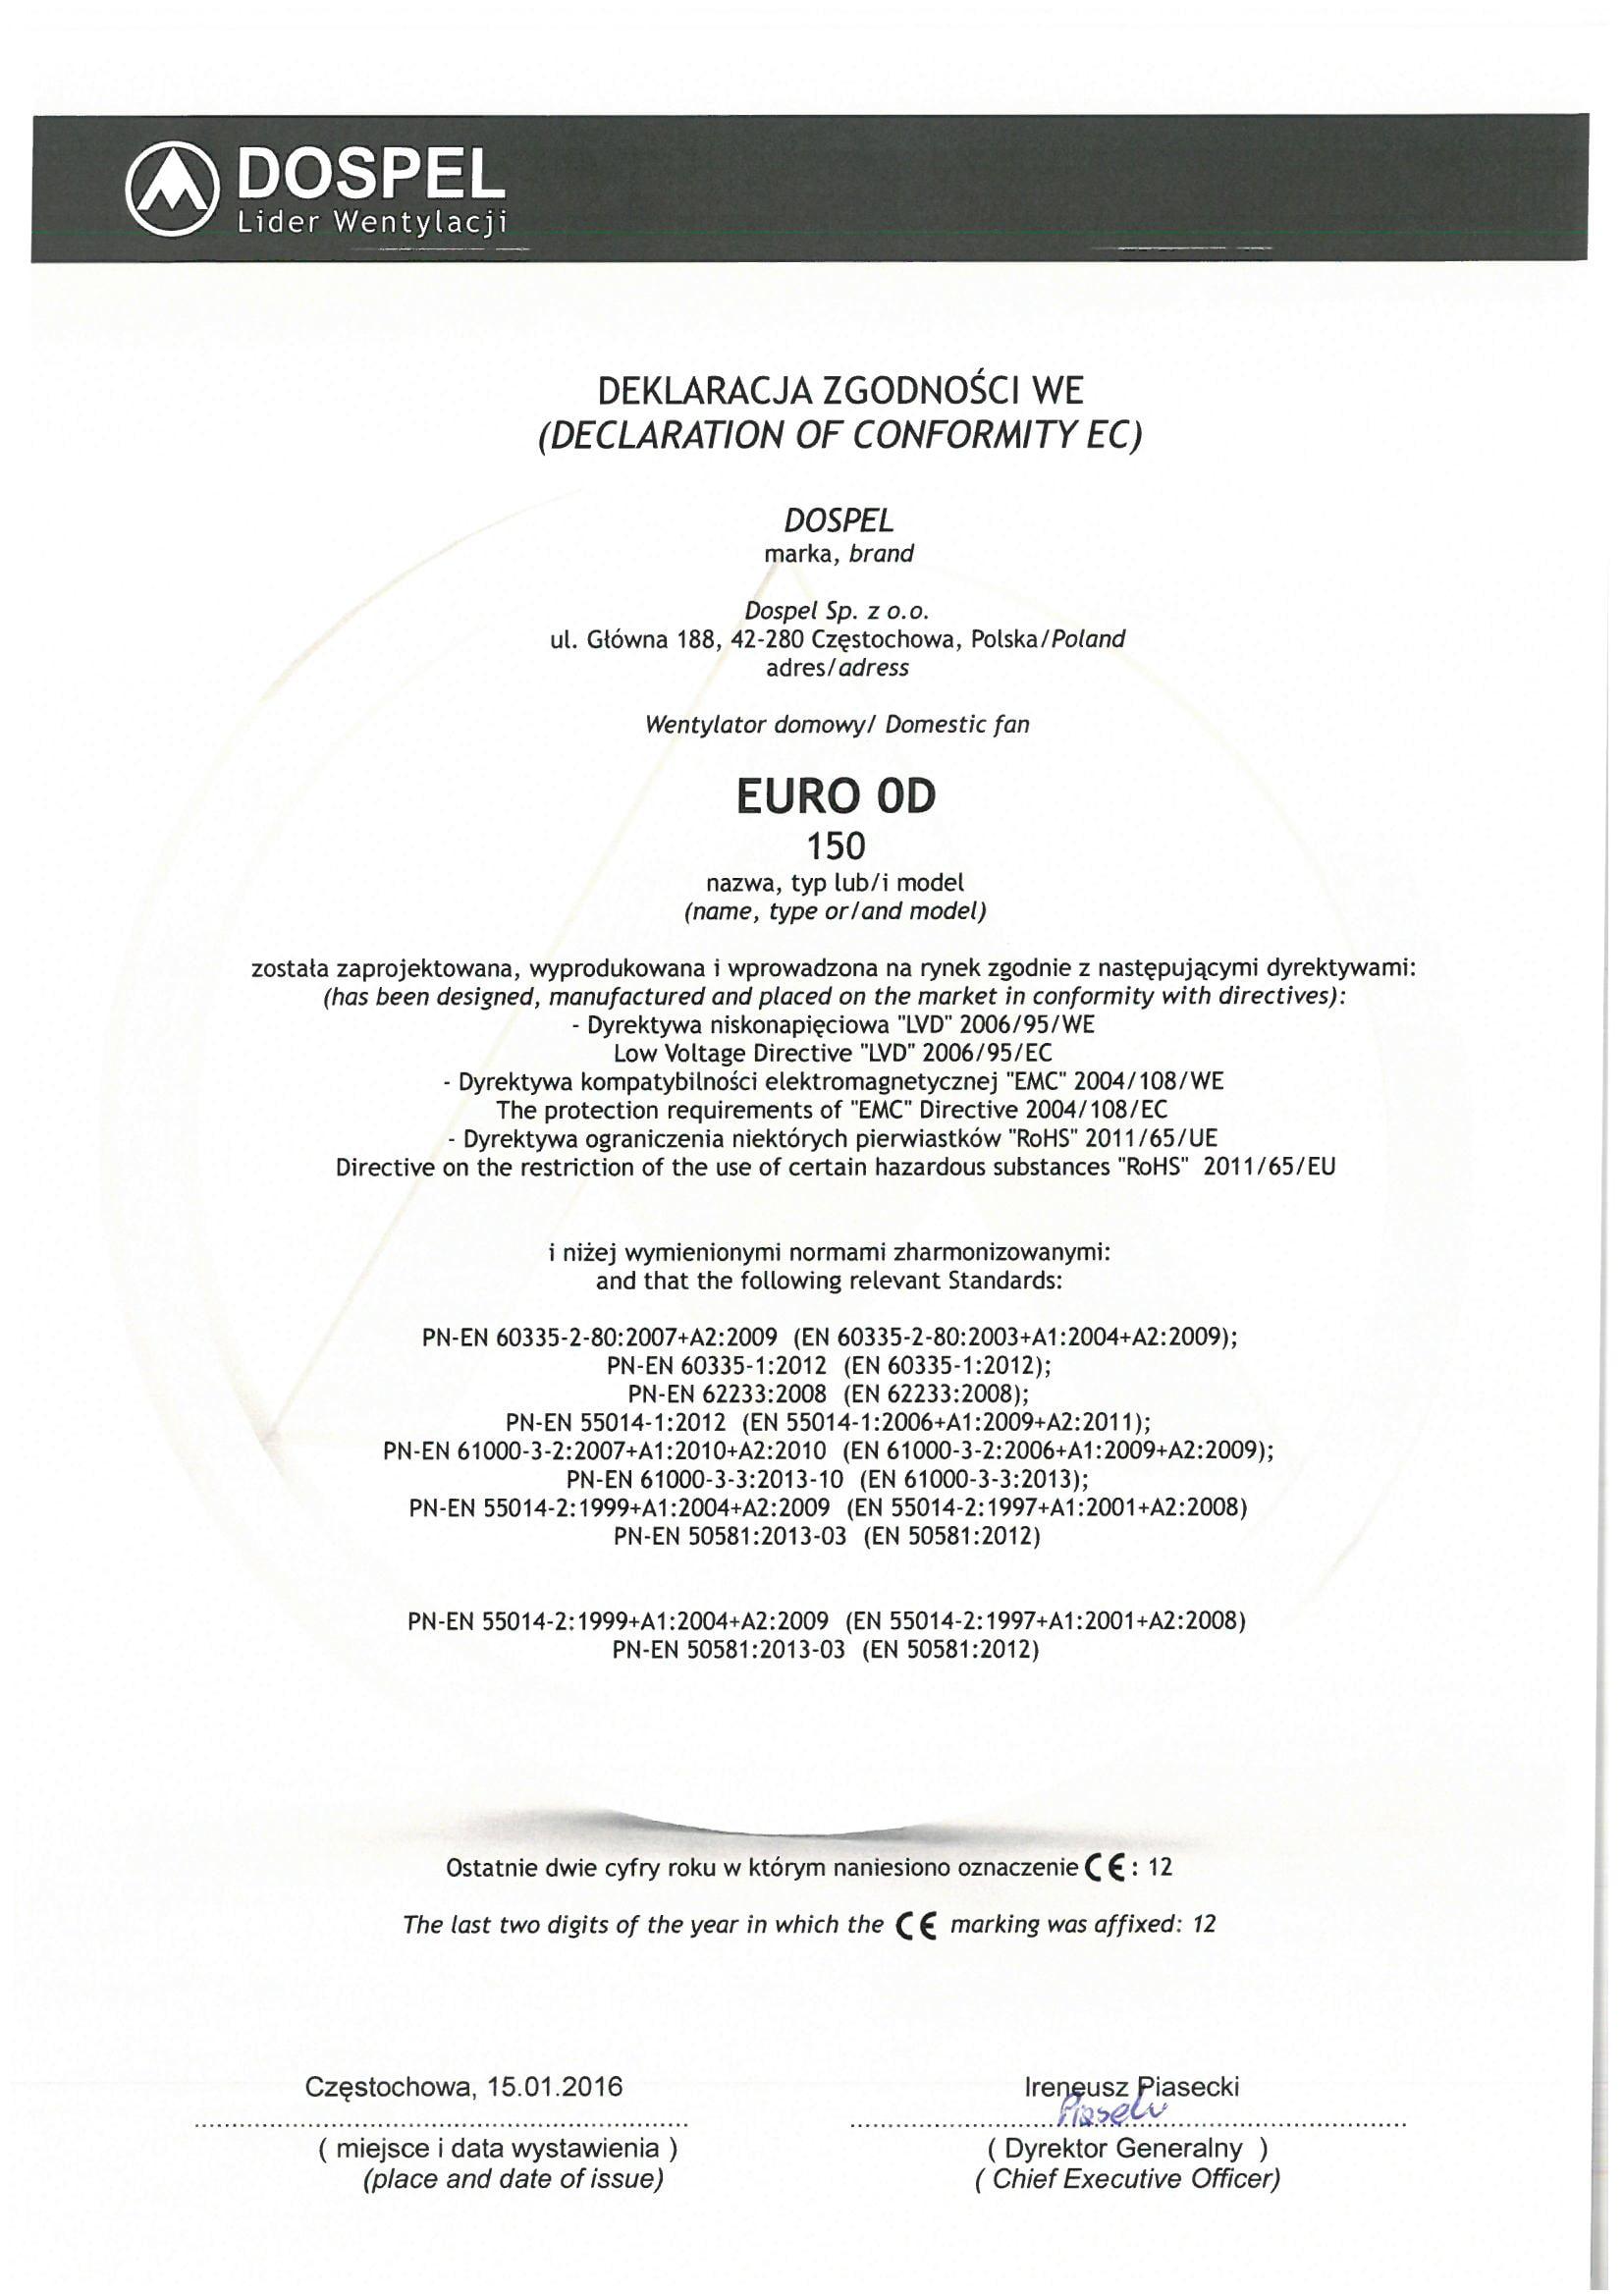 Wentylator domowy, EURO 0D, certyfikat, deklaracja zgodności, producent wentylatorów, Dospel